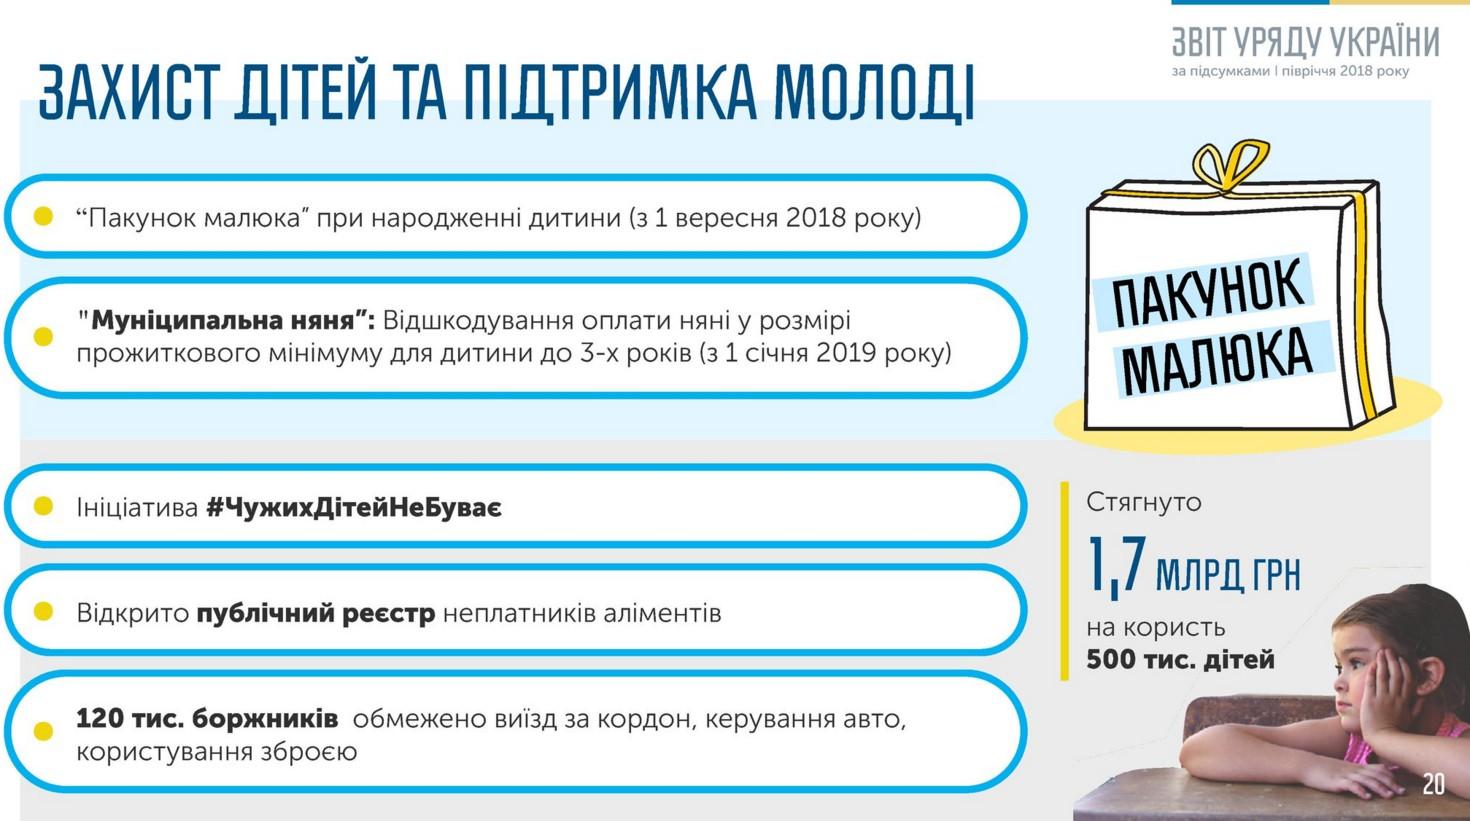 Инфографика: Twitter / Владимир Гройсман